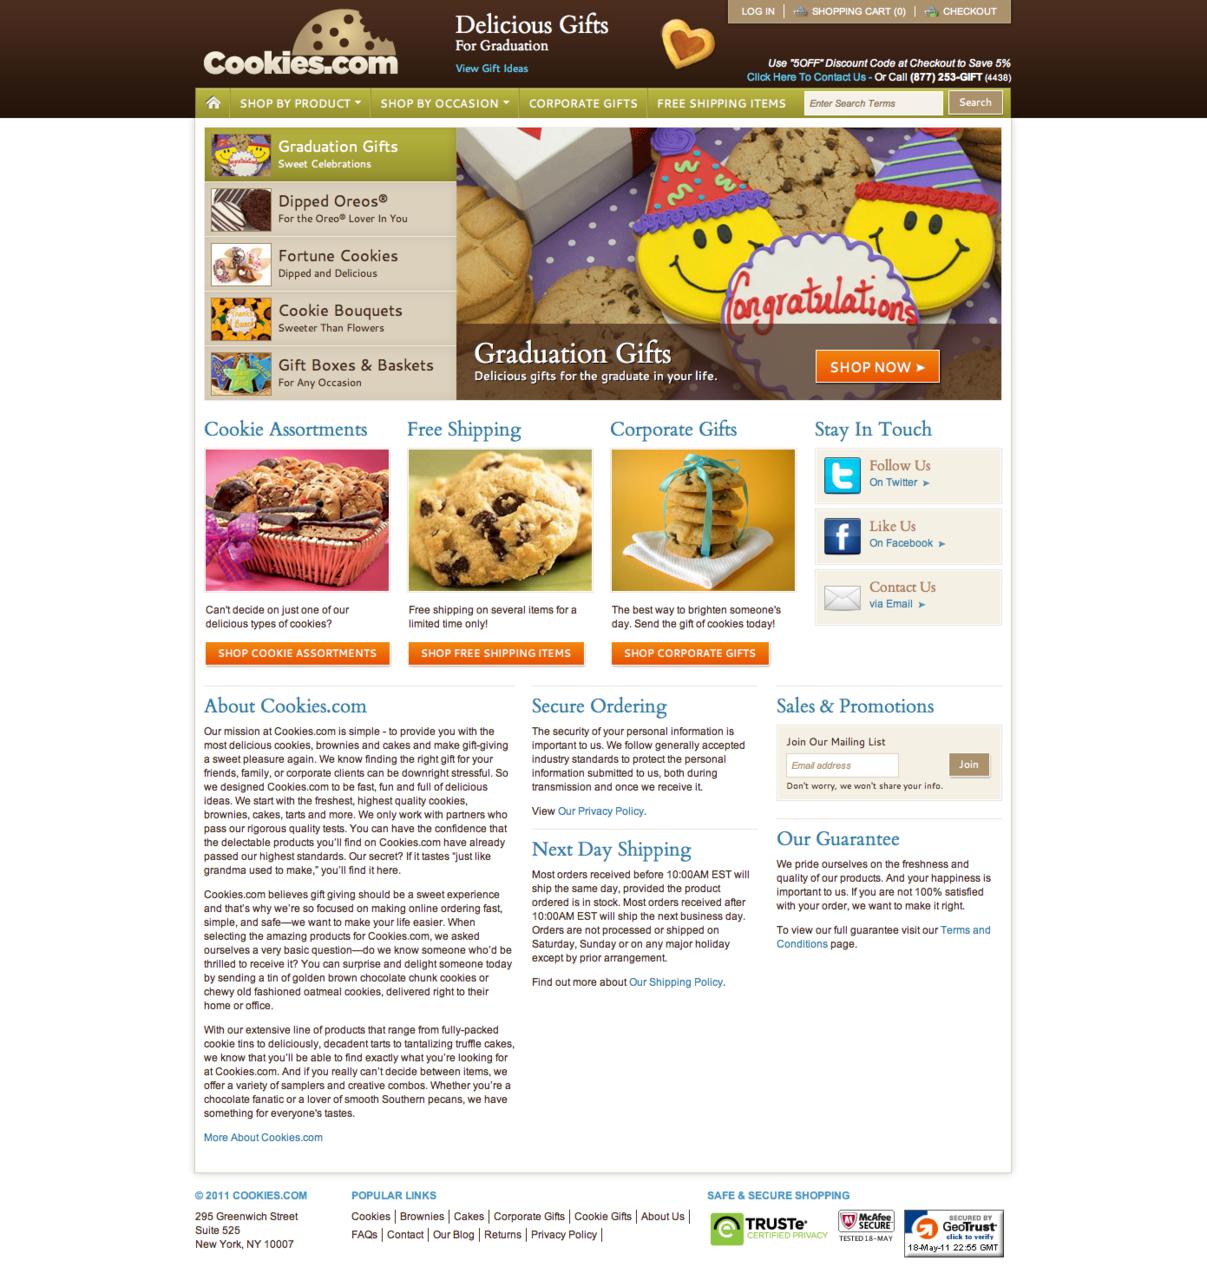 www.cookies.com